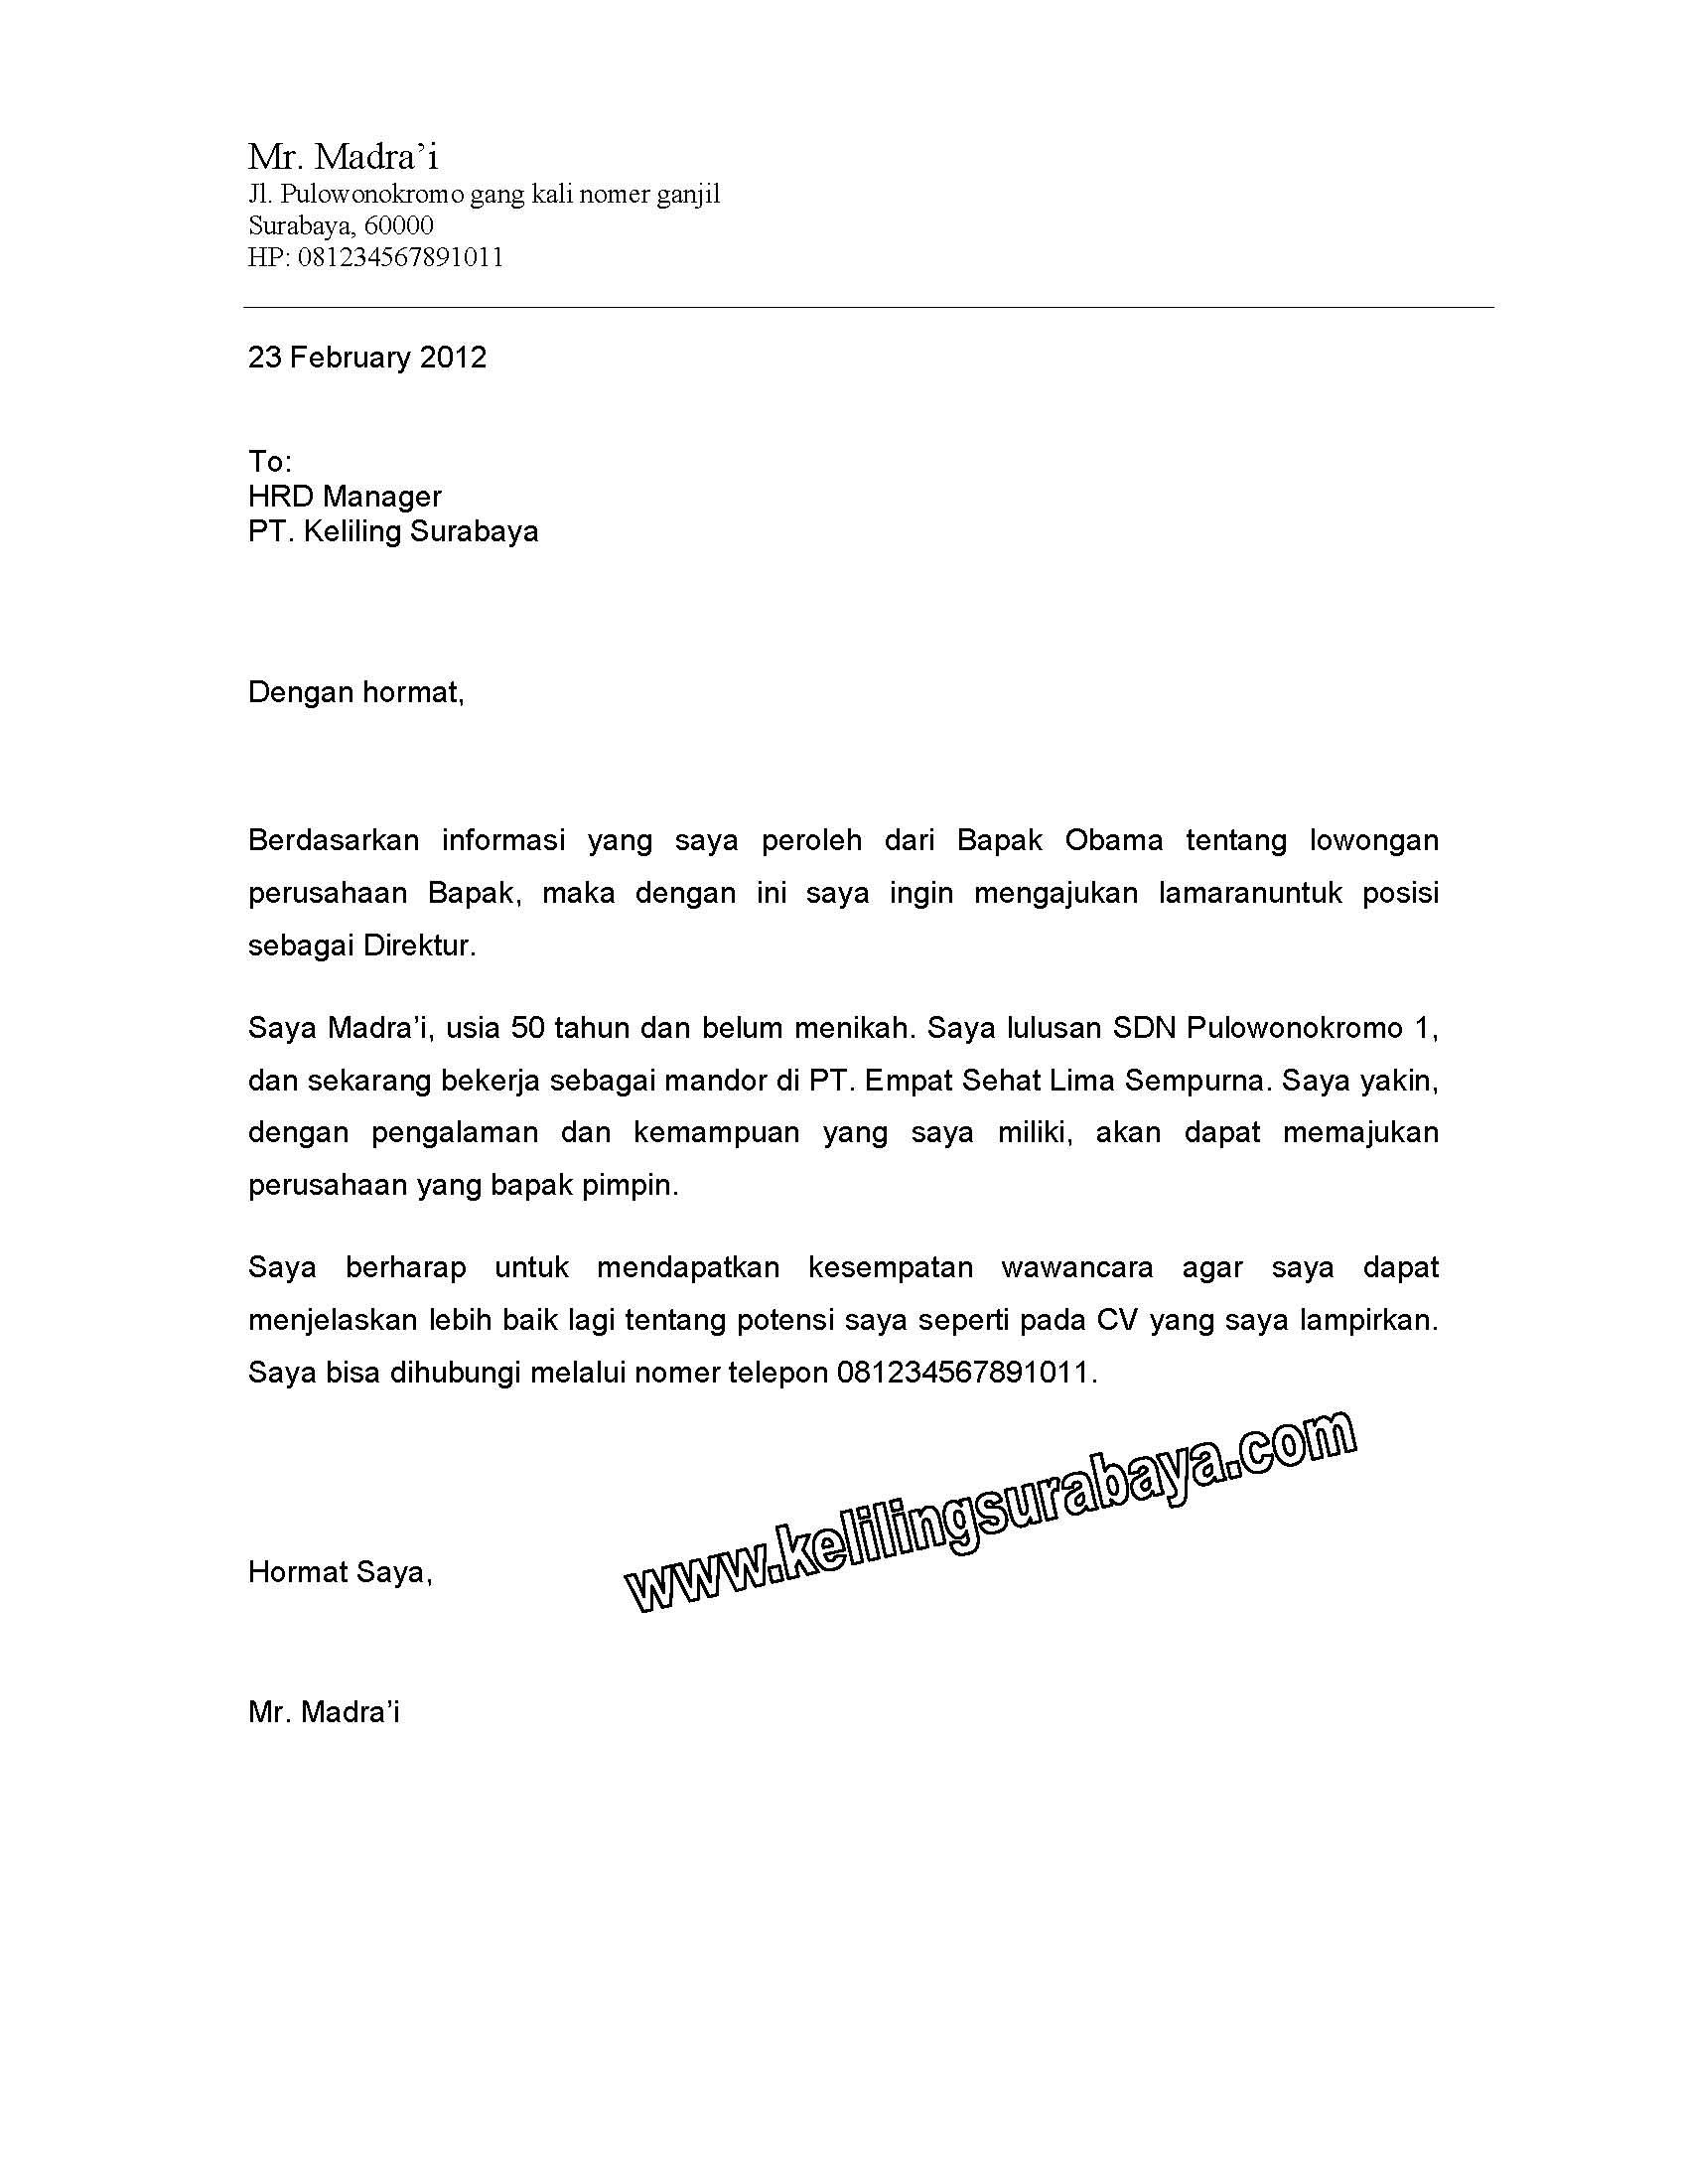 contoh text resume untuk bank resume examples and writing tips contoh text resume untuk bank vote for icefilmsinfo globolister icefilmsinfo contoh surat lamaran kerja bahasa inggris